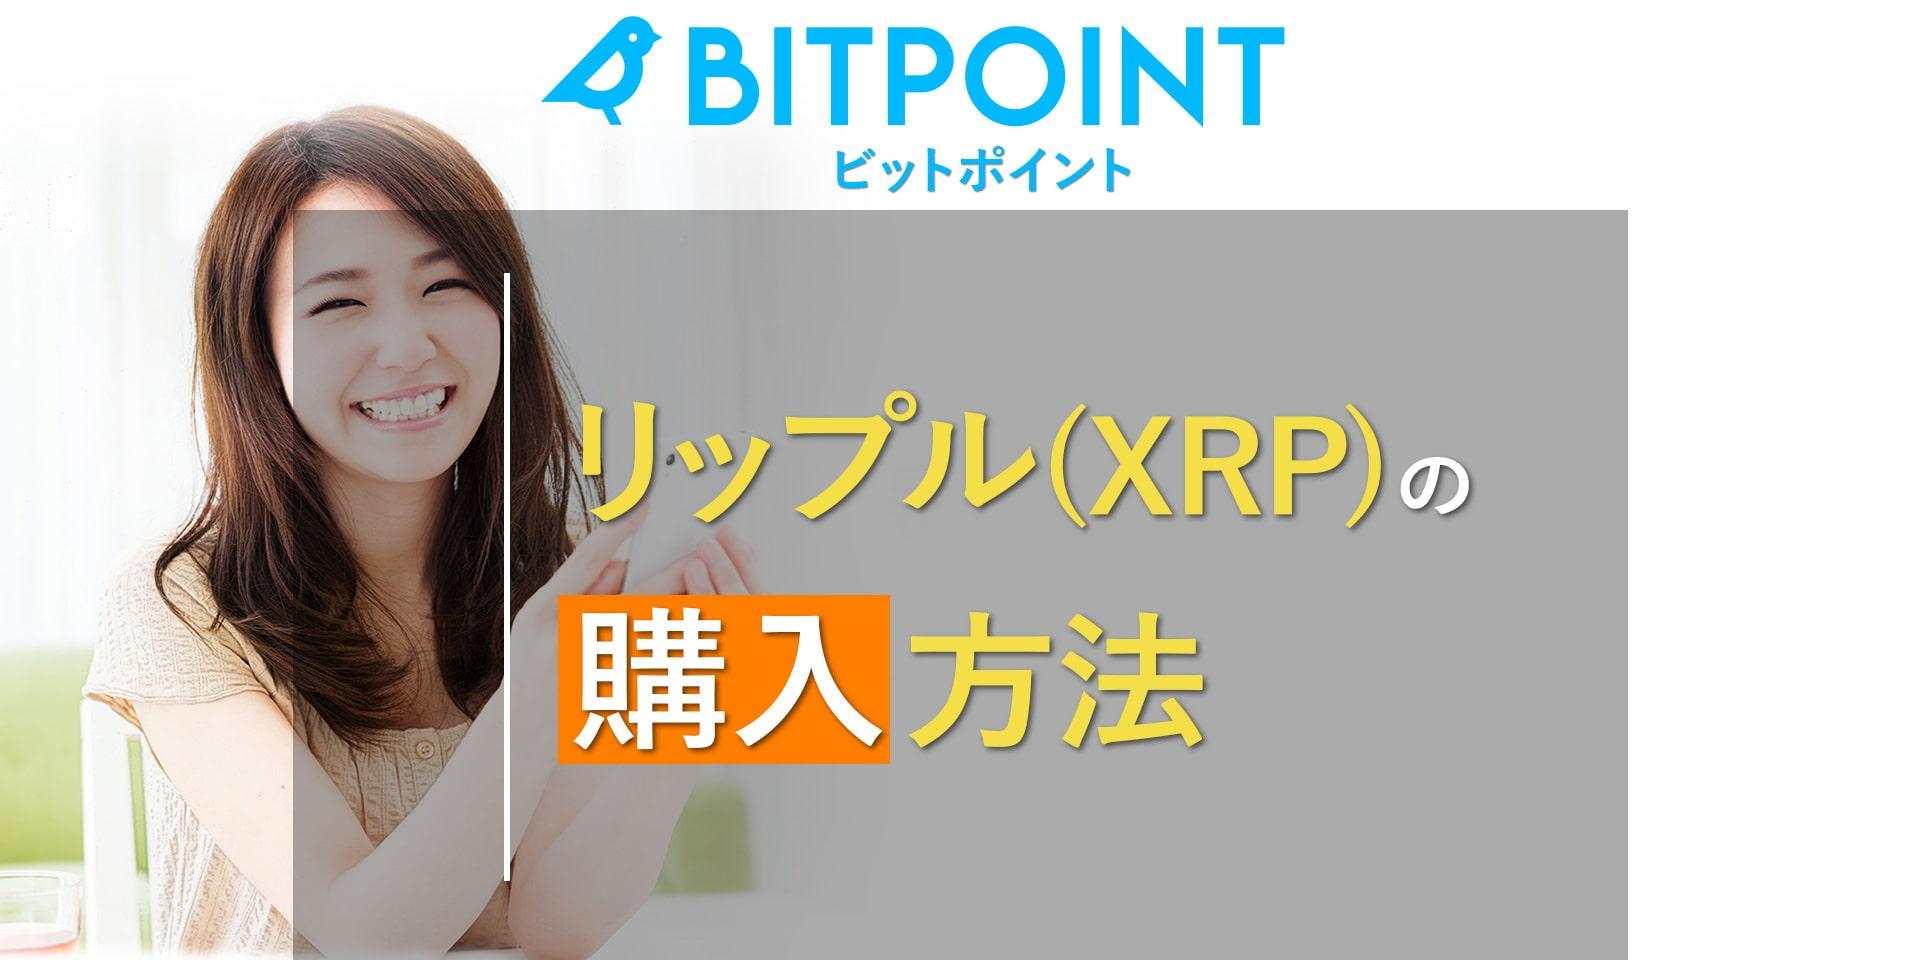 BITPoint(ビットポイント)のリップル(XRP)の買い方、購入方法を徹底解説!